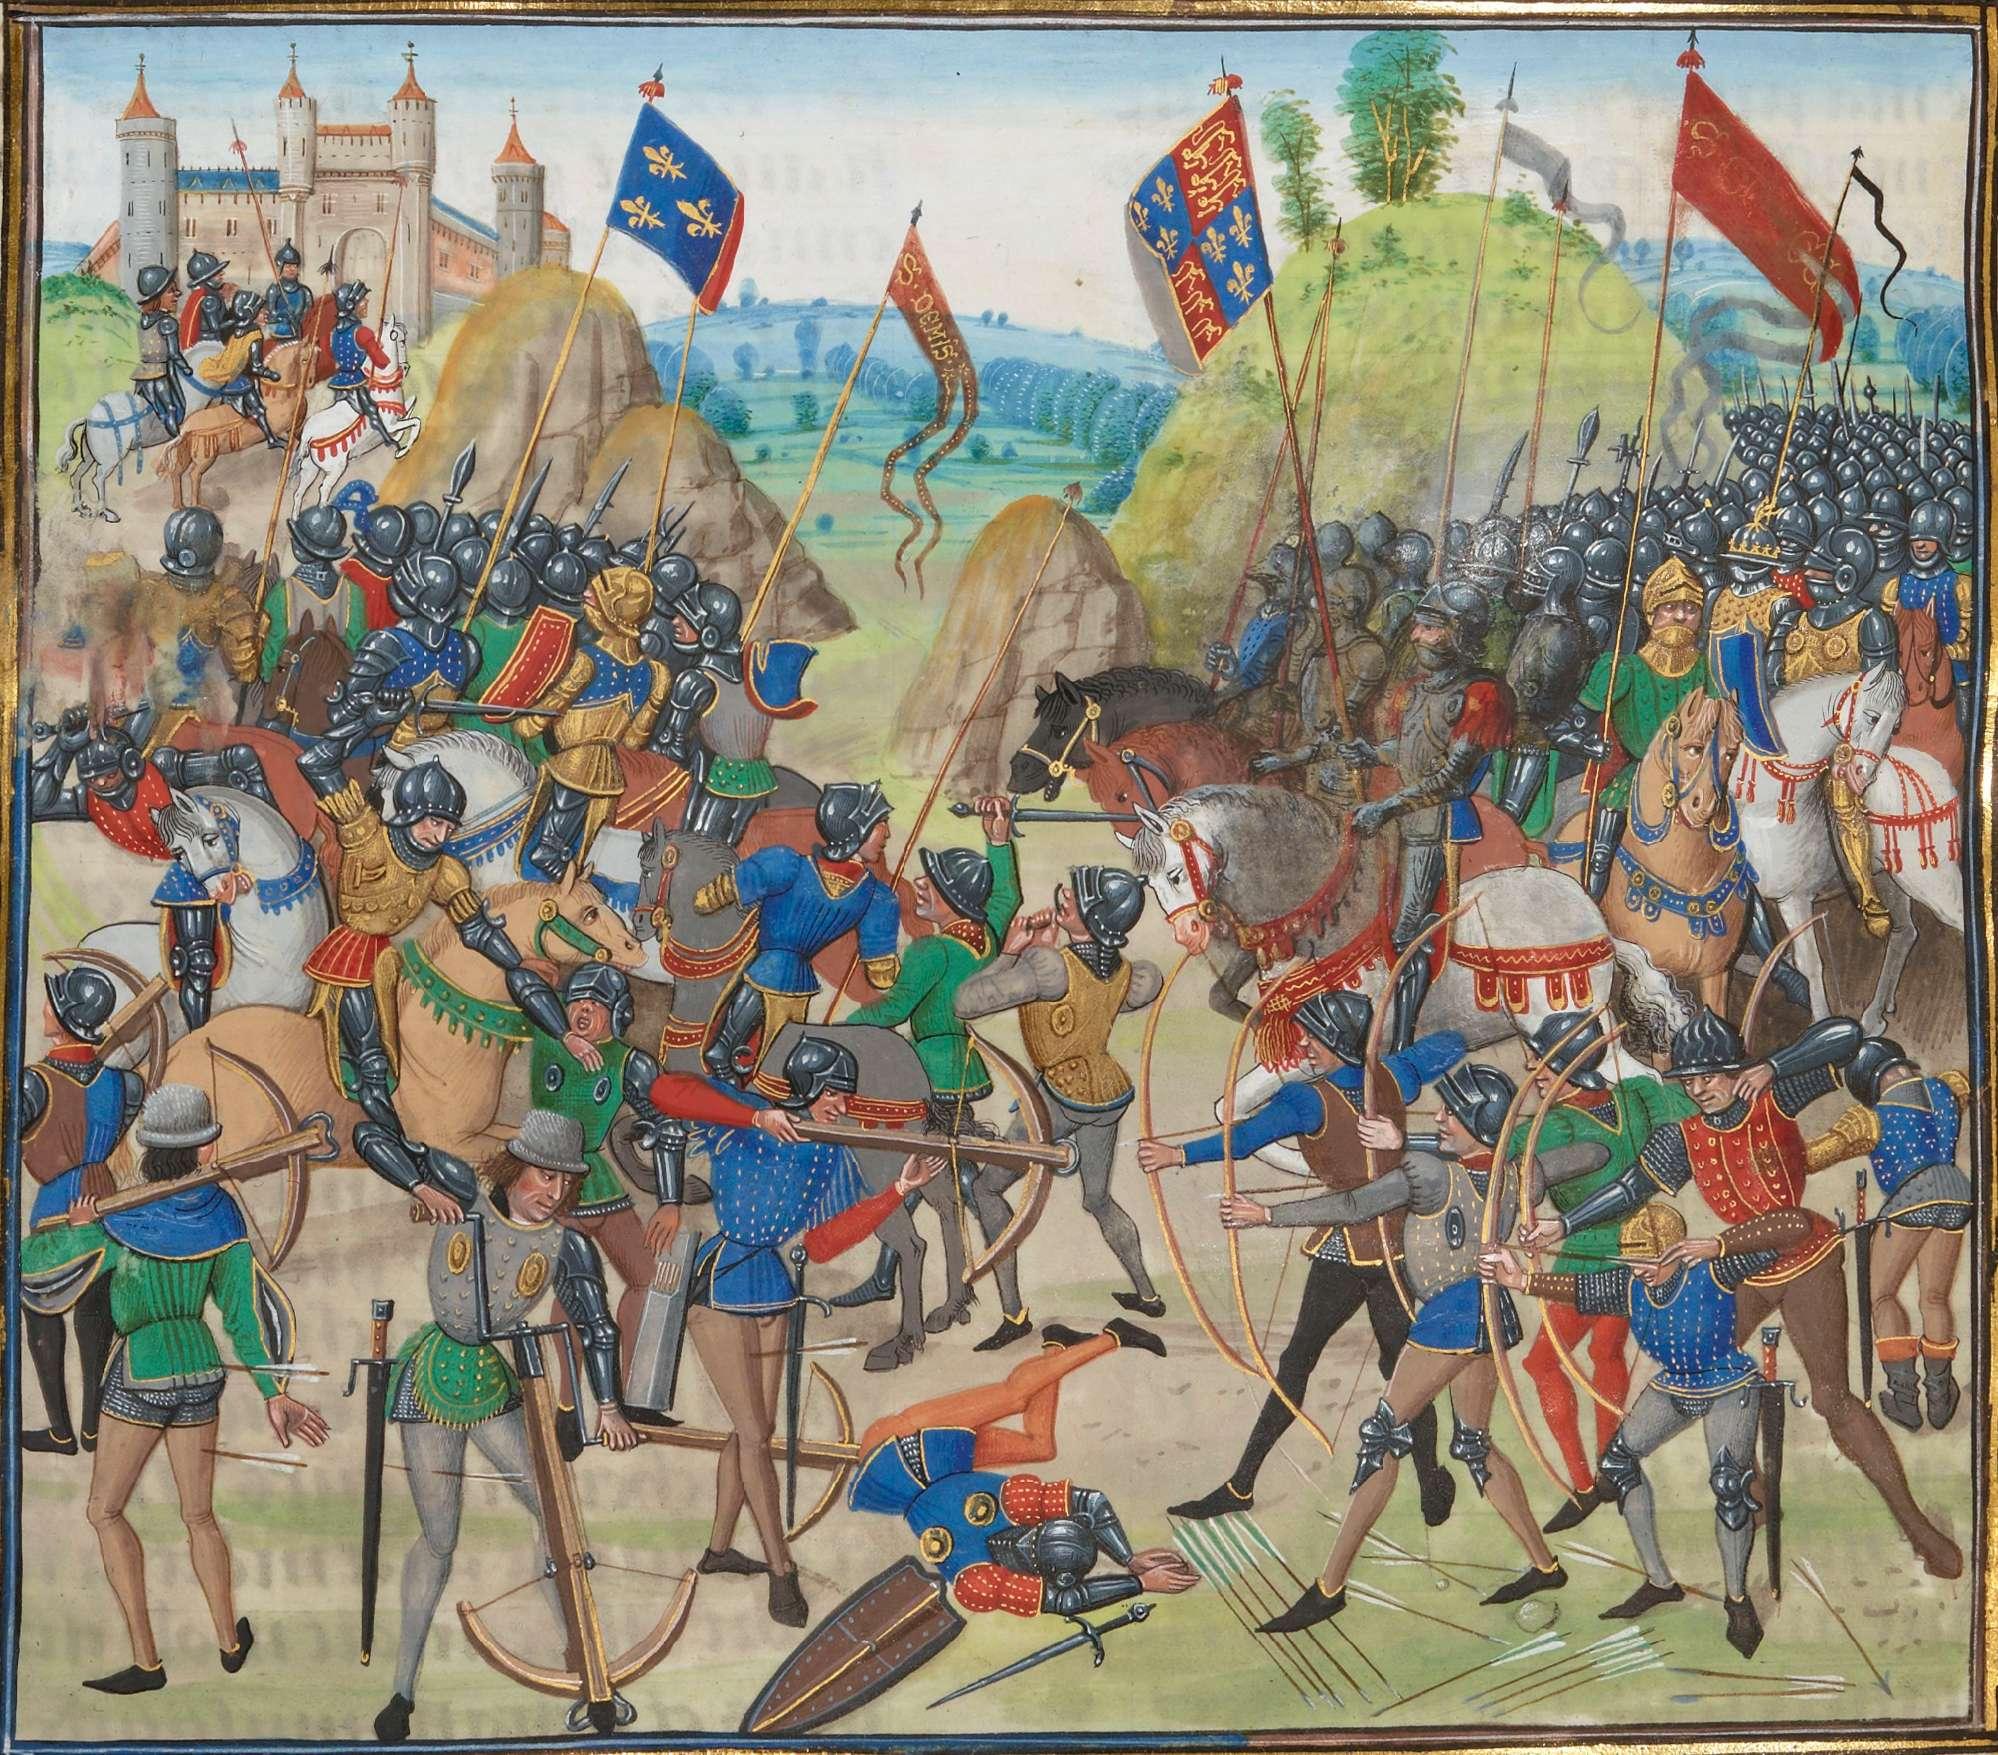 Η μάχη του Κρεσύ 1346, μινιατούρα. La bataille de Crécy. Miniature de Loyset Liédet tirée des Chroniques de Jean Froissart.